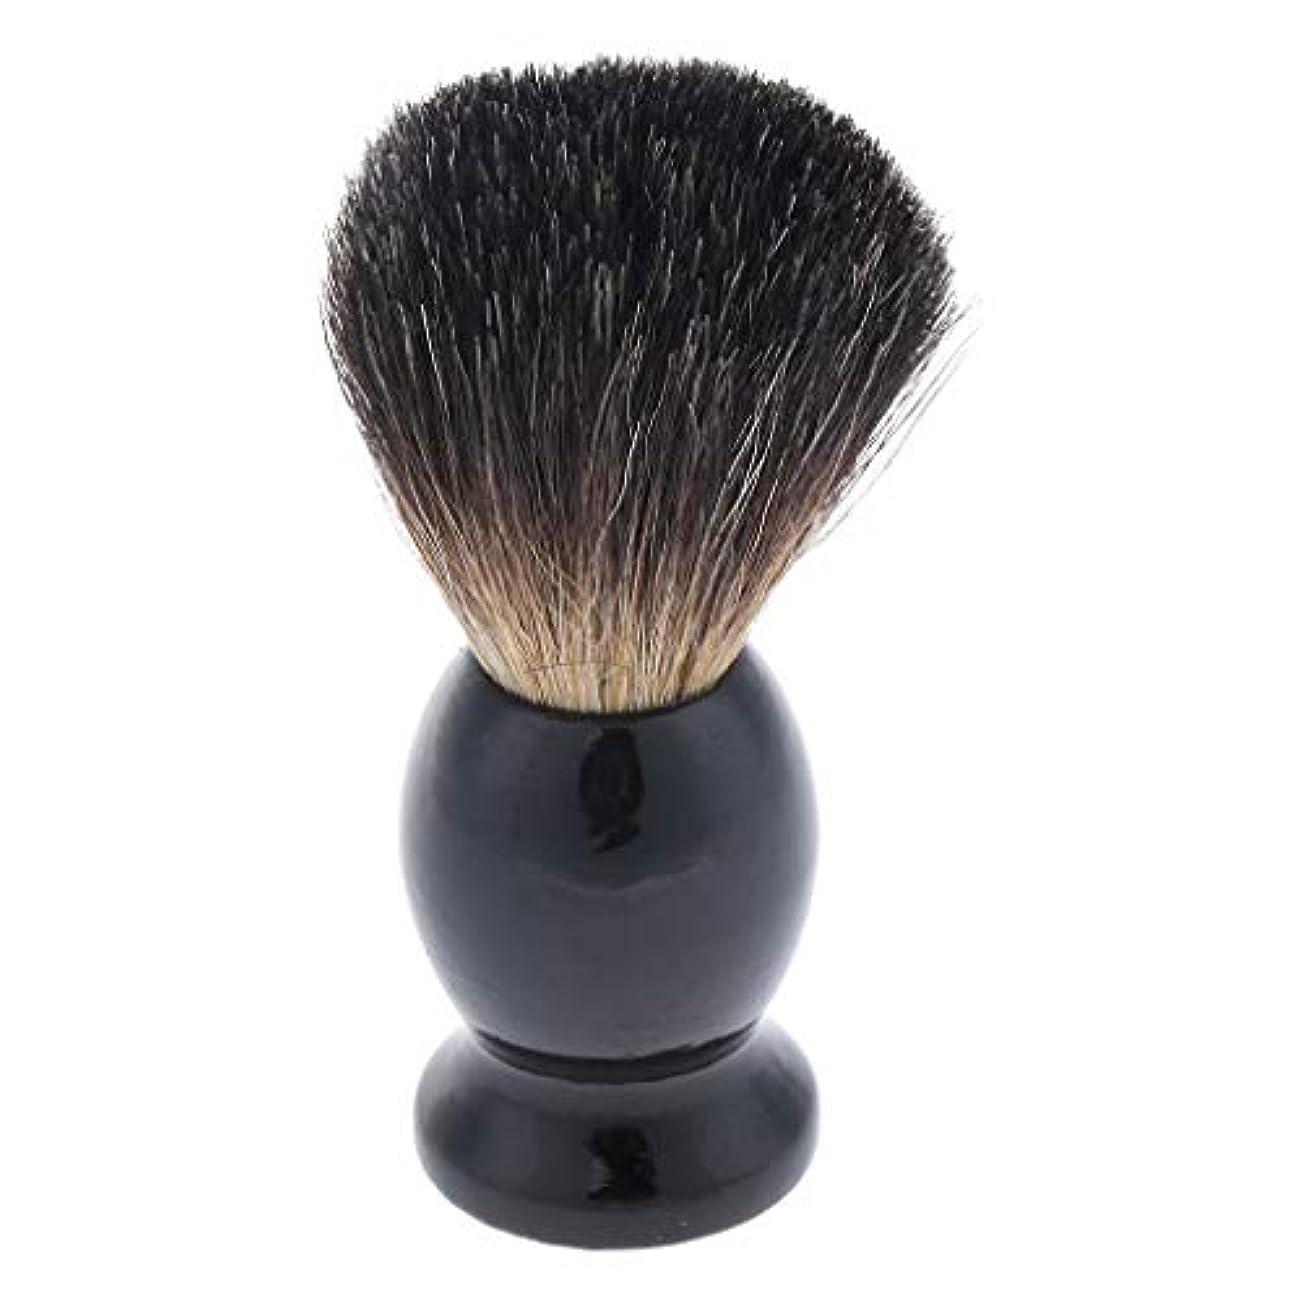 手のひら続編潤滑するHellery メンズ ひげブラシ シェービングブラシ ひげ剃りブラシ 木製ハンドル 父 贈り物